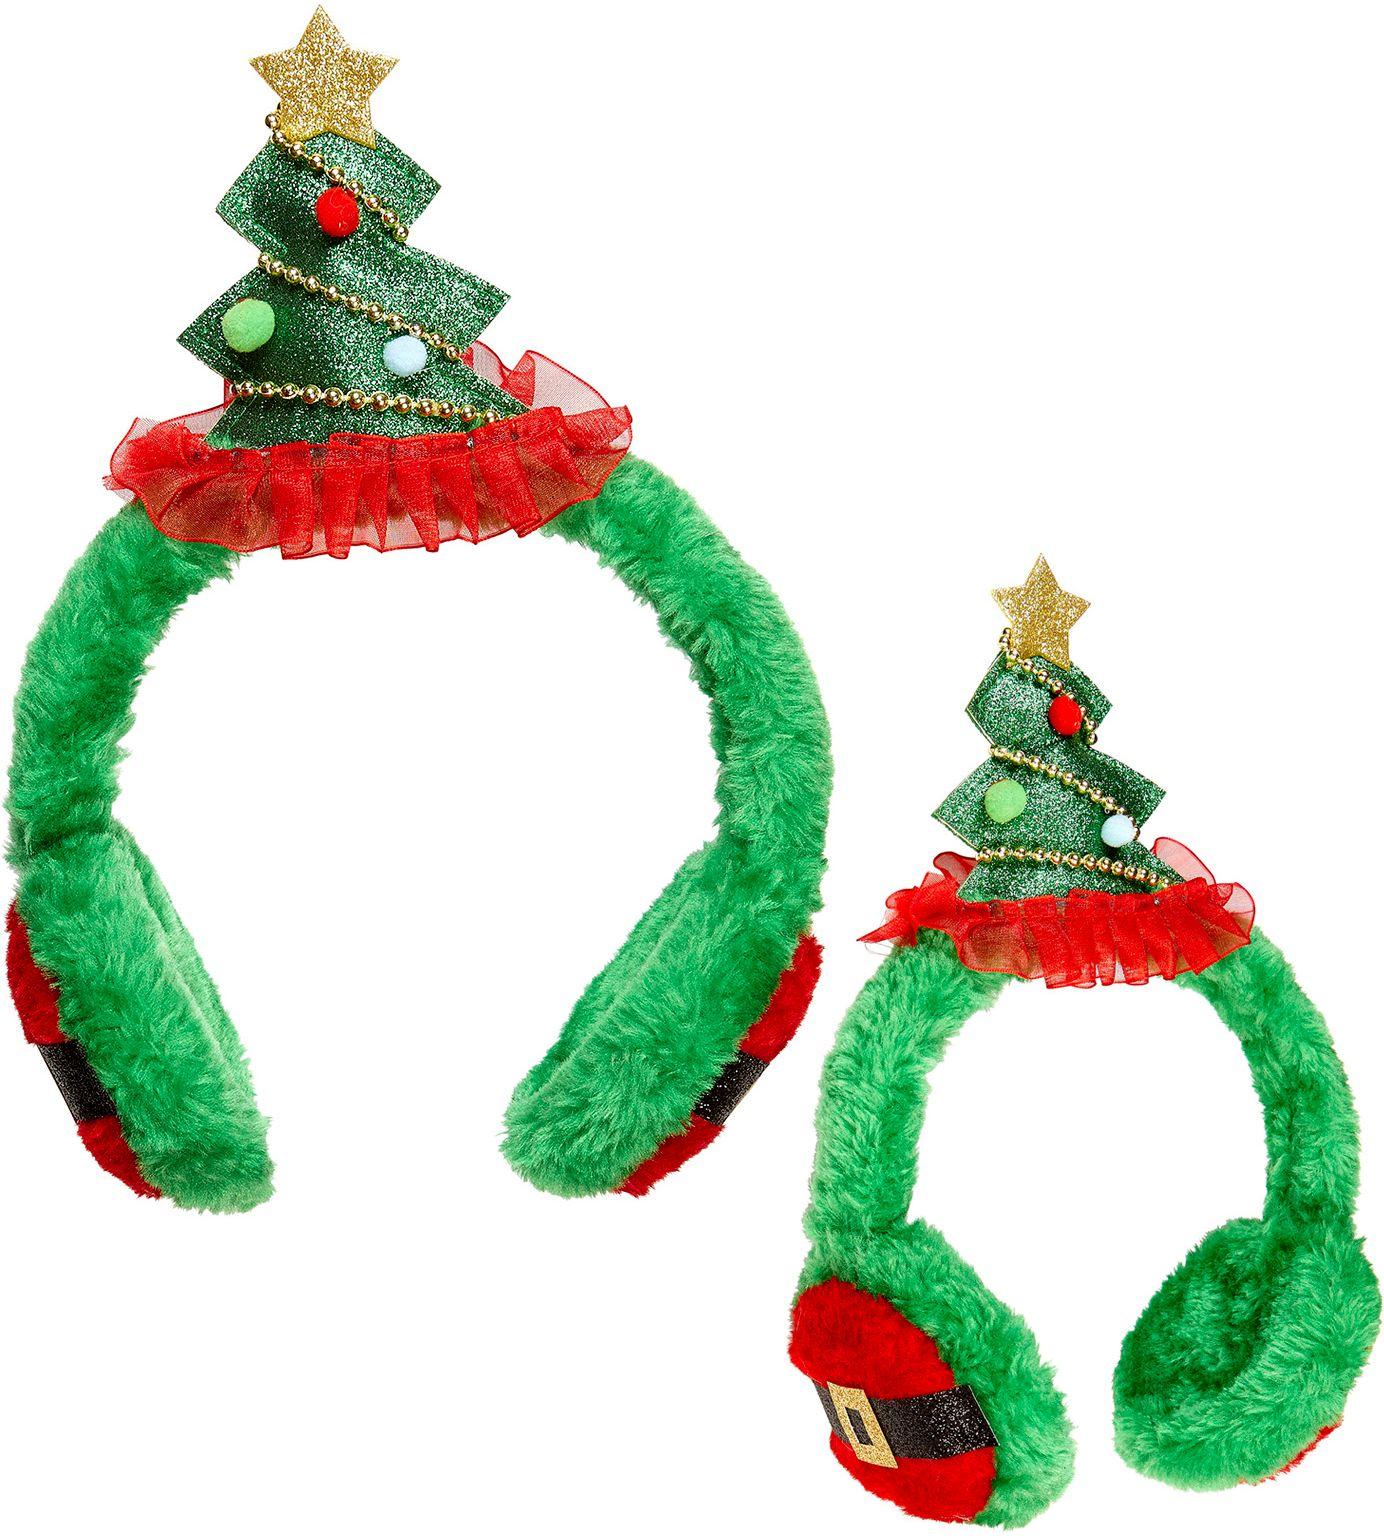 Kerstmis oorbeschermers